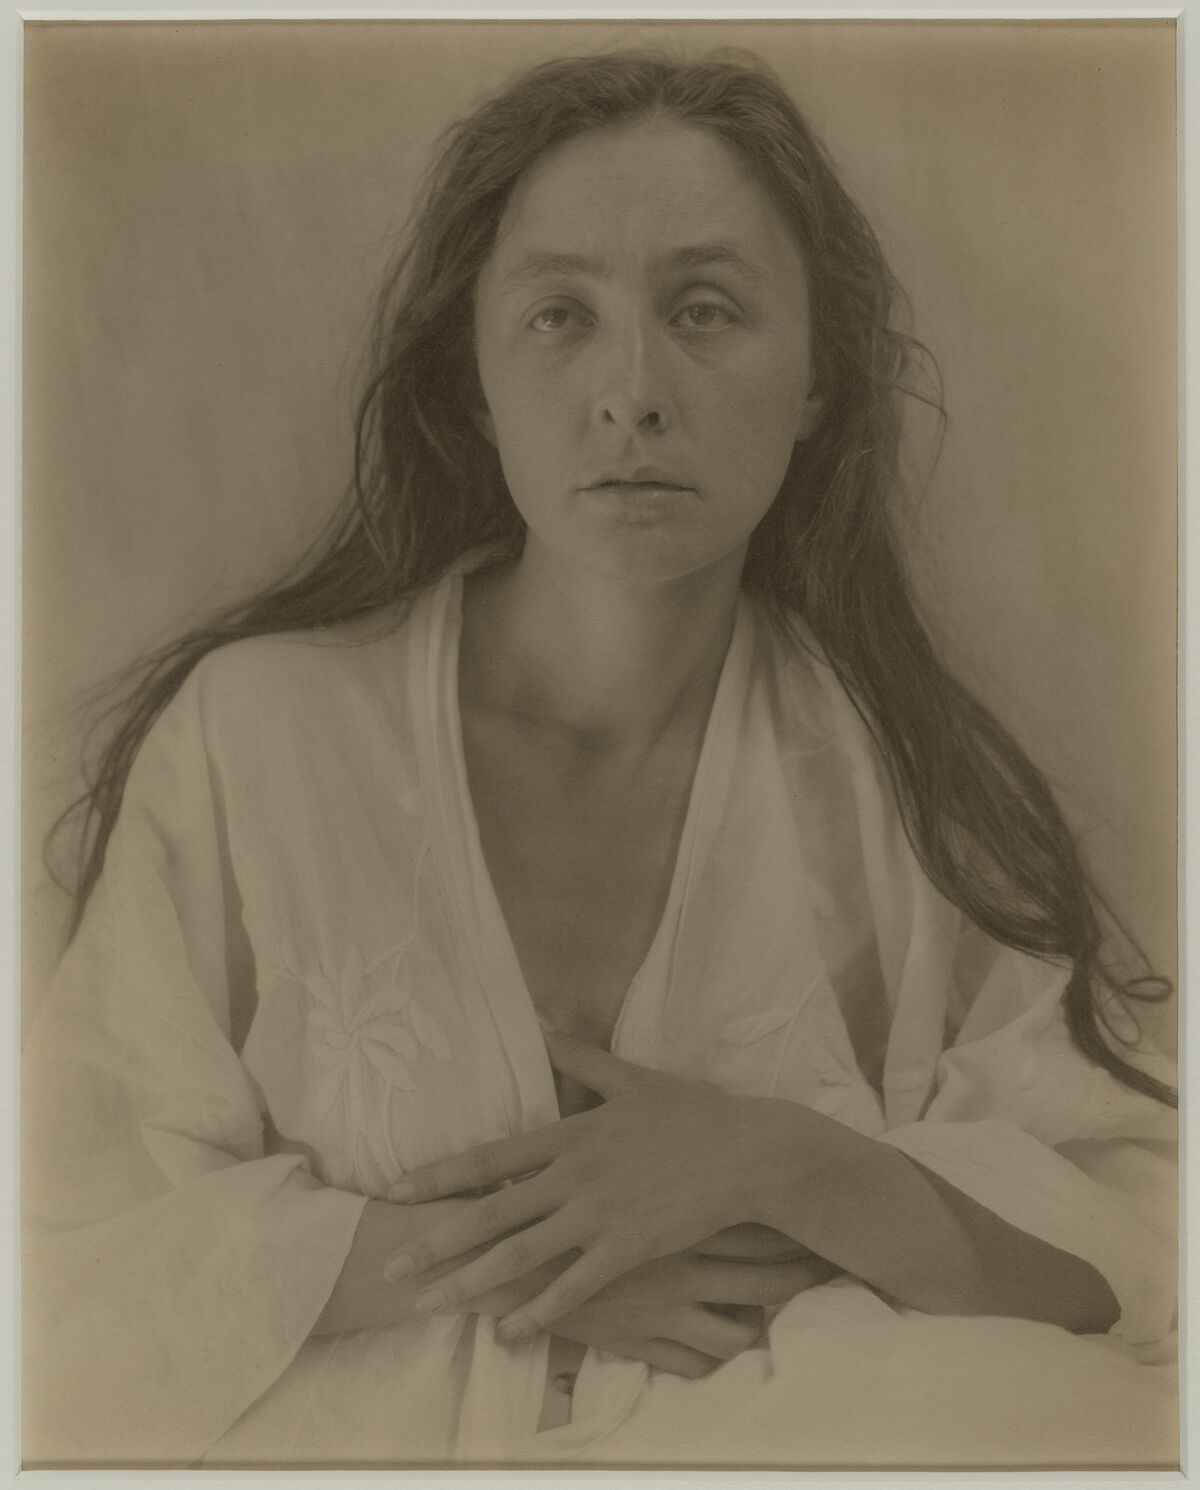 Alfred Stieglitz, Georgia O'Keeffe: A Portrait (1), 1918. Photograph © Museum of Fine Arts, Boston.